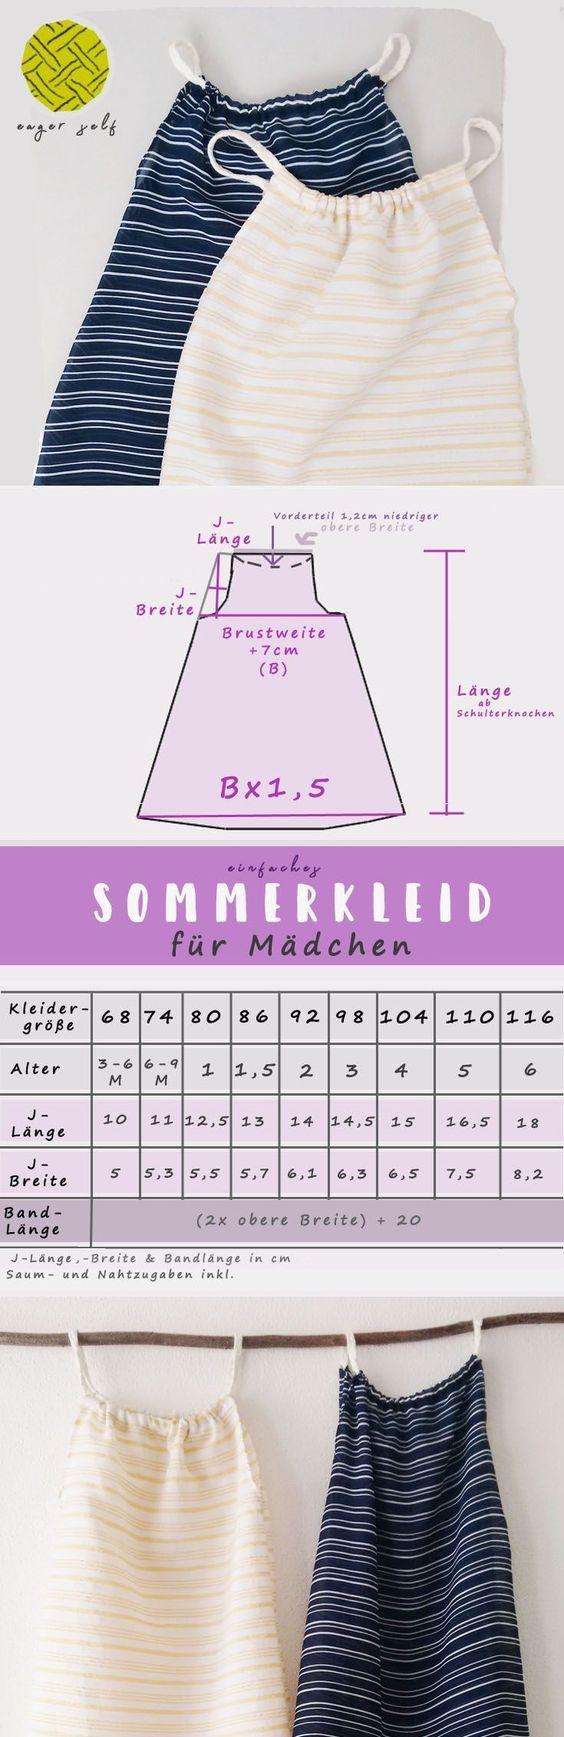 Kleid nähen für Mädchen - Anleitung für einfaches Sommerkleid • eager self